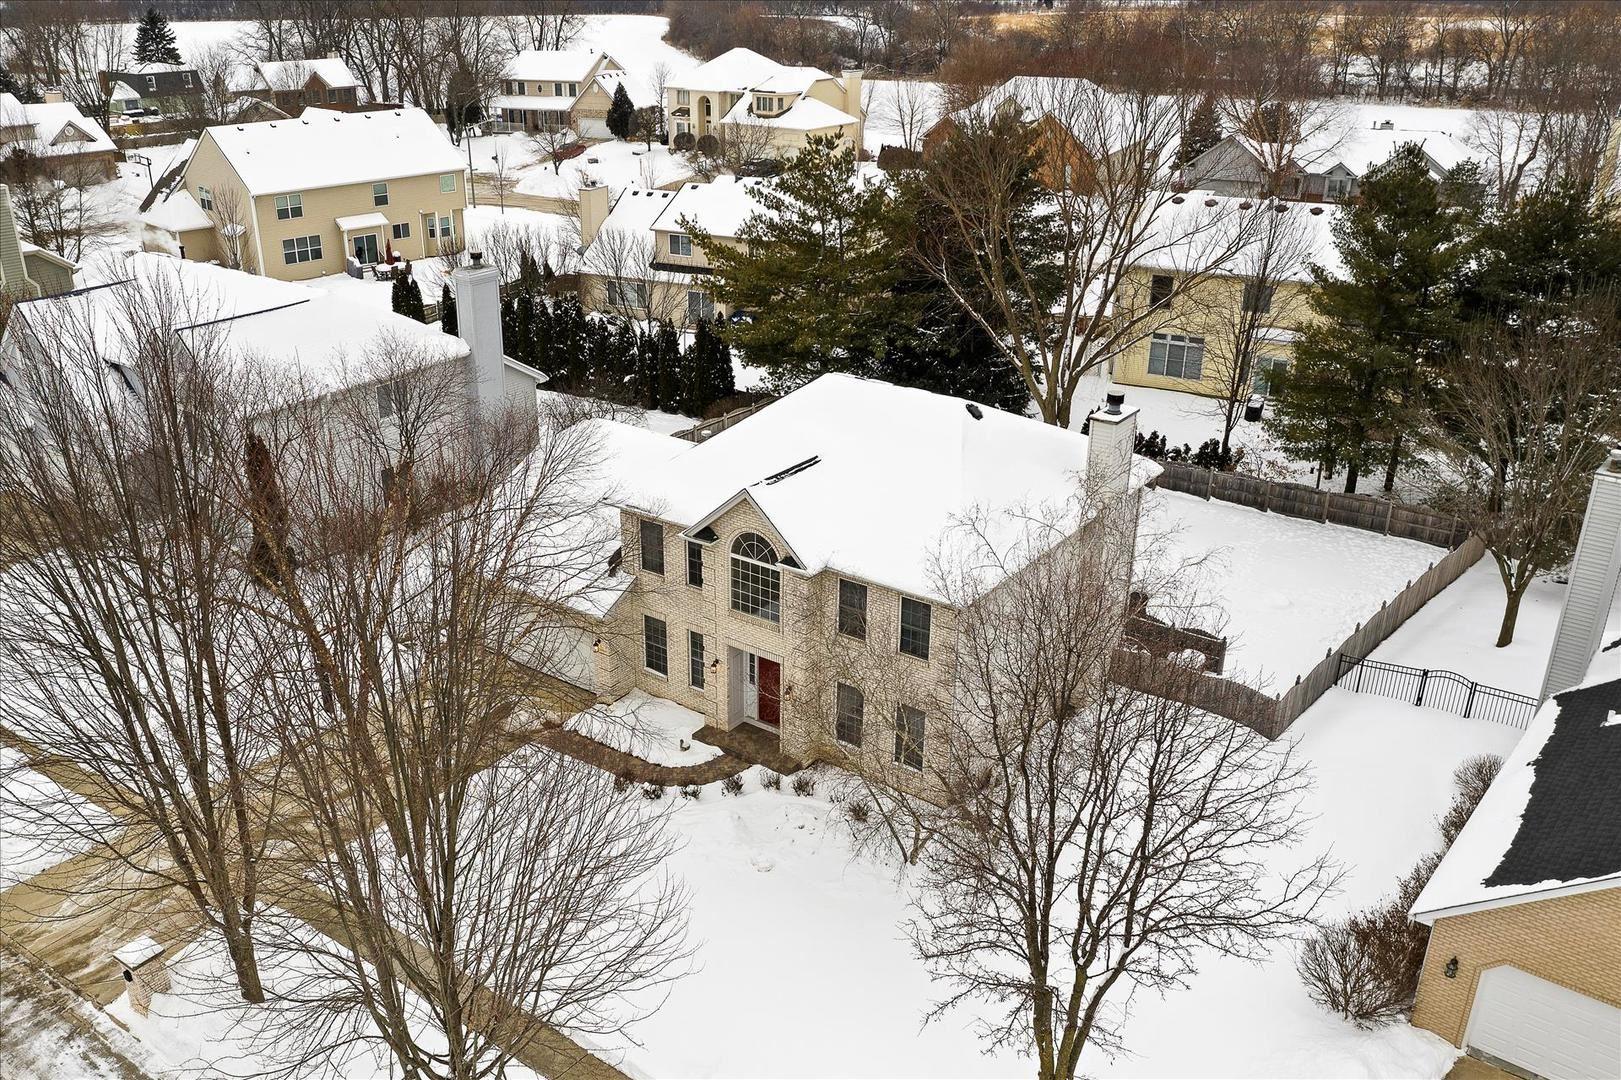 Photo of 13814 Sharp Drive, Plainfield, IL 60544 (MLS # 10997968)